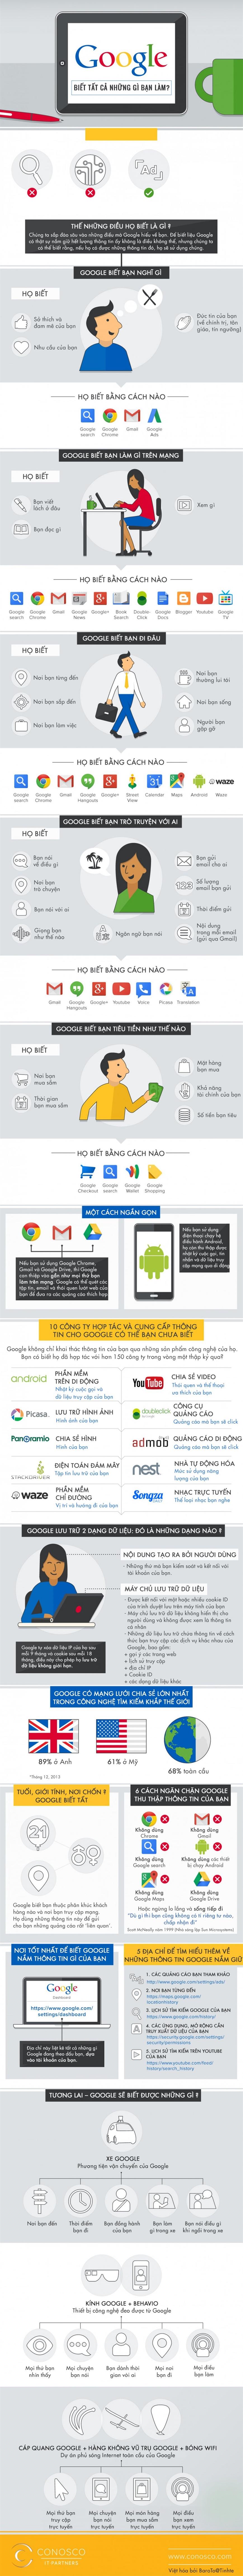 [Infographic] Google biết tất cả những việc bạn làm trên Internet